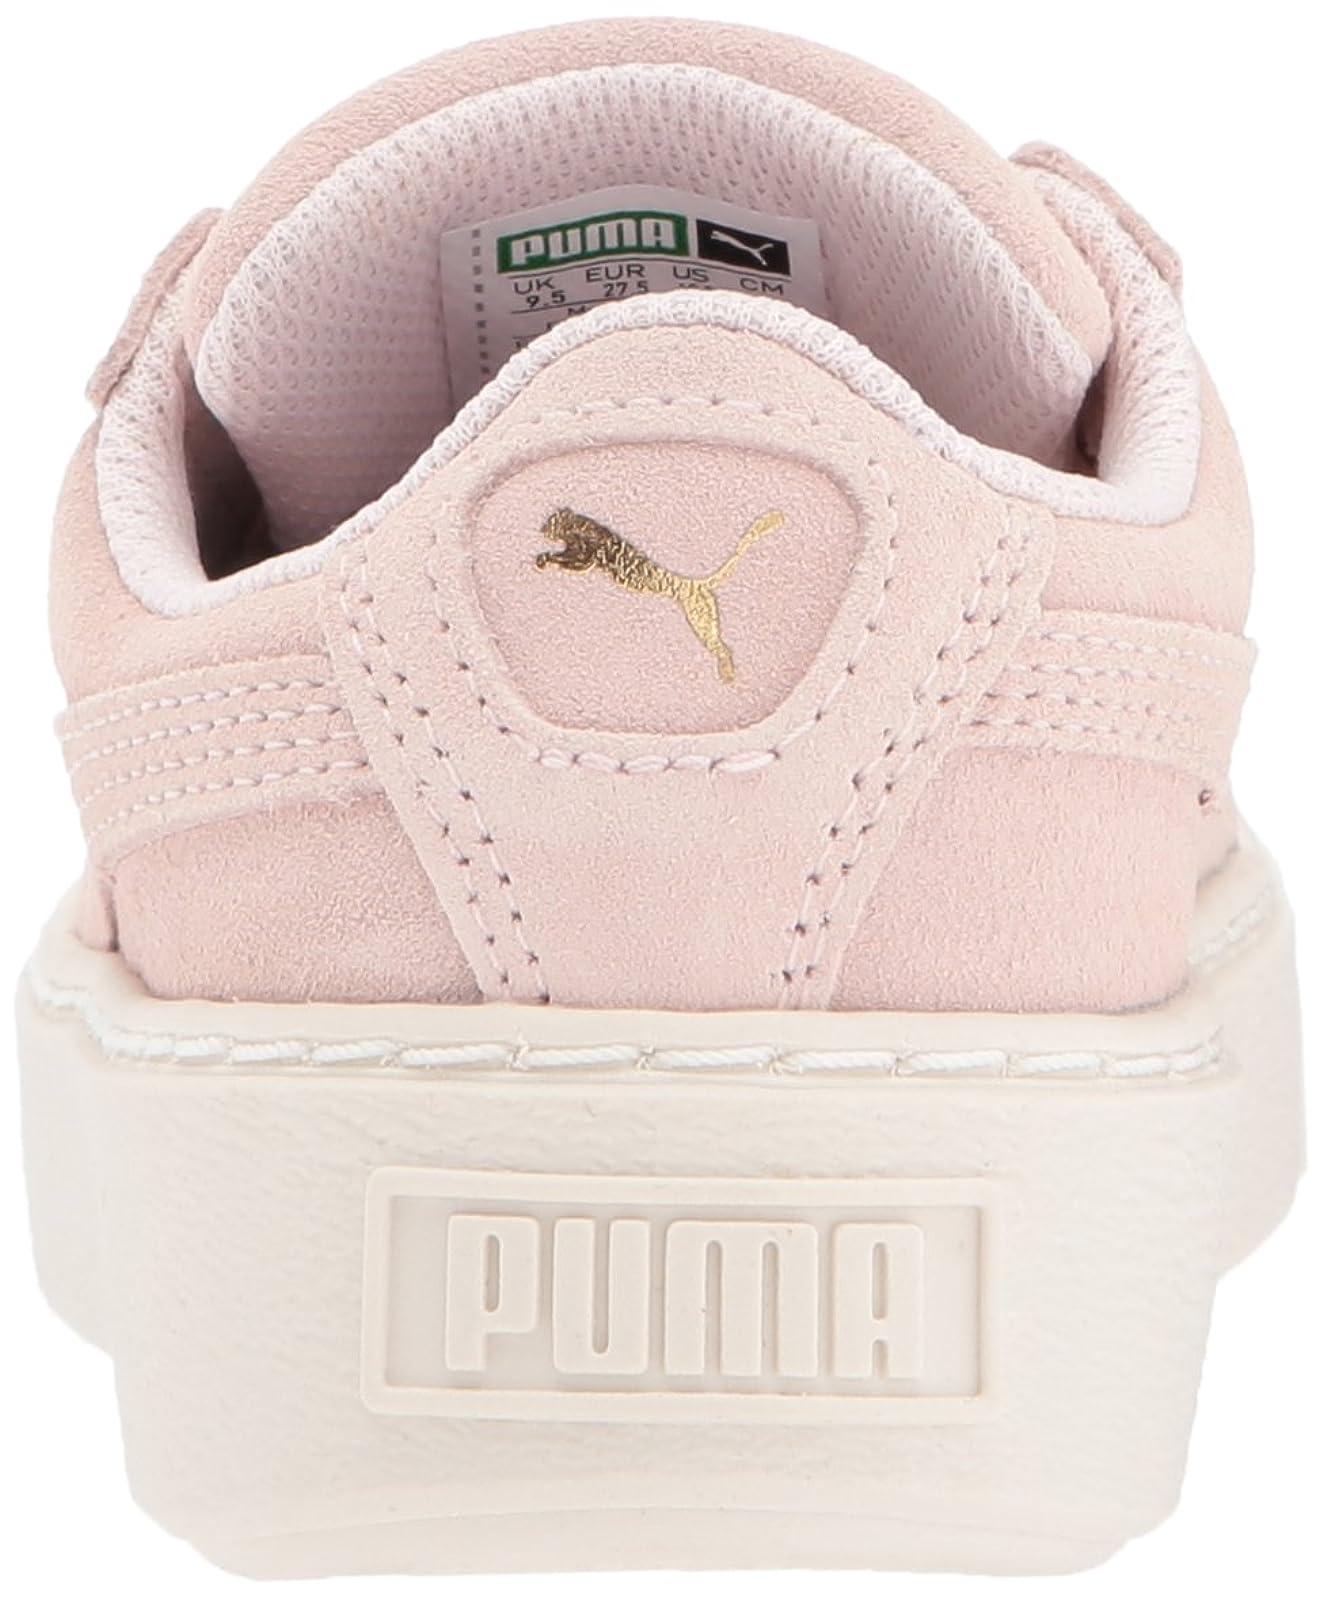 PUMA Kids' Suede Platform Glam Sneaker Pink 36492207 - 2